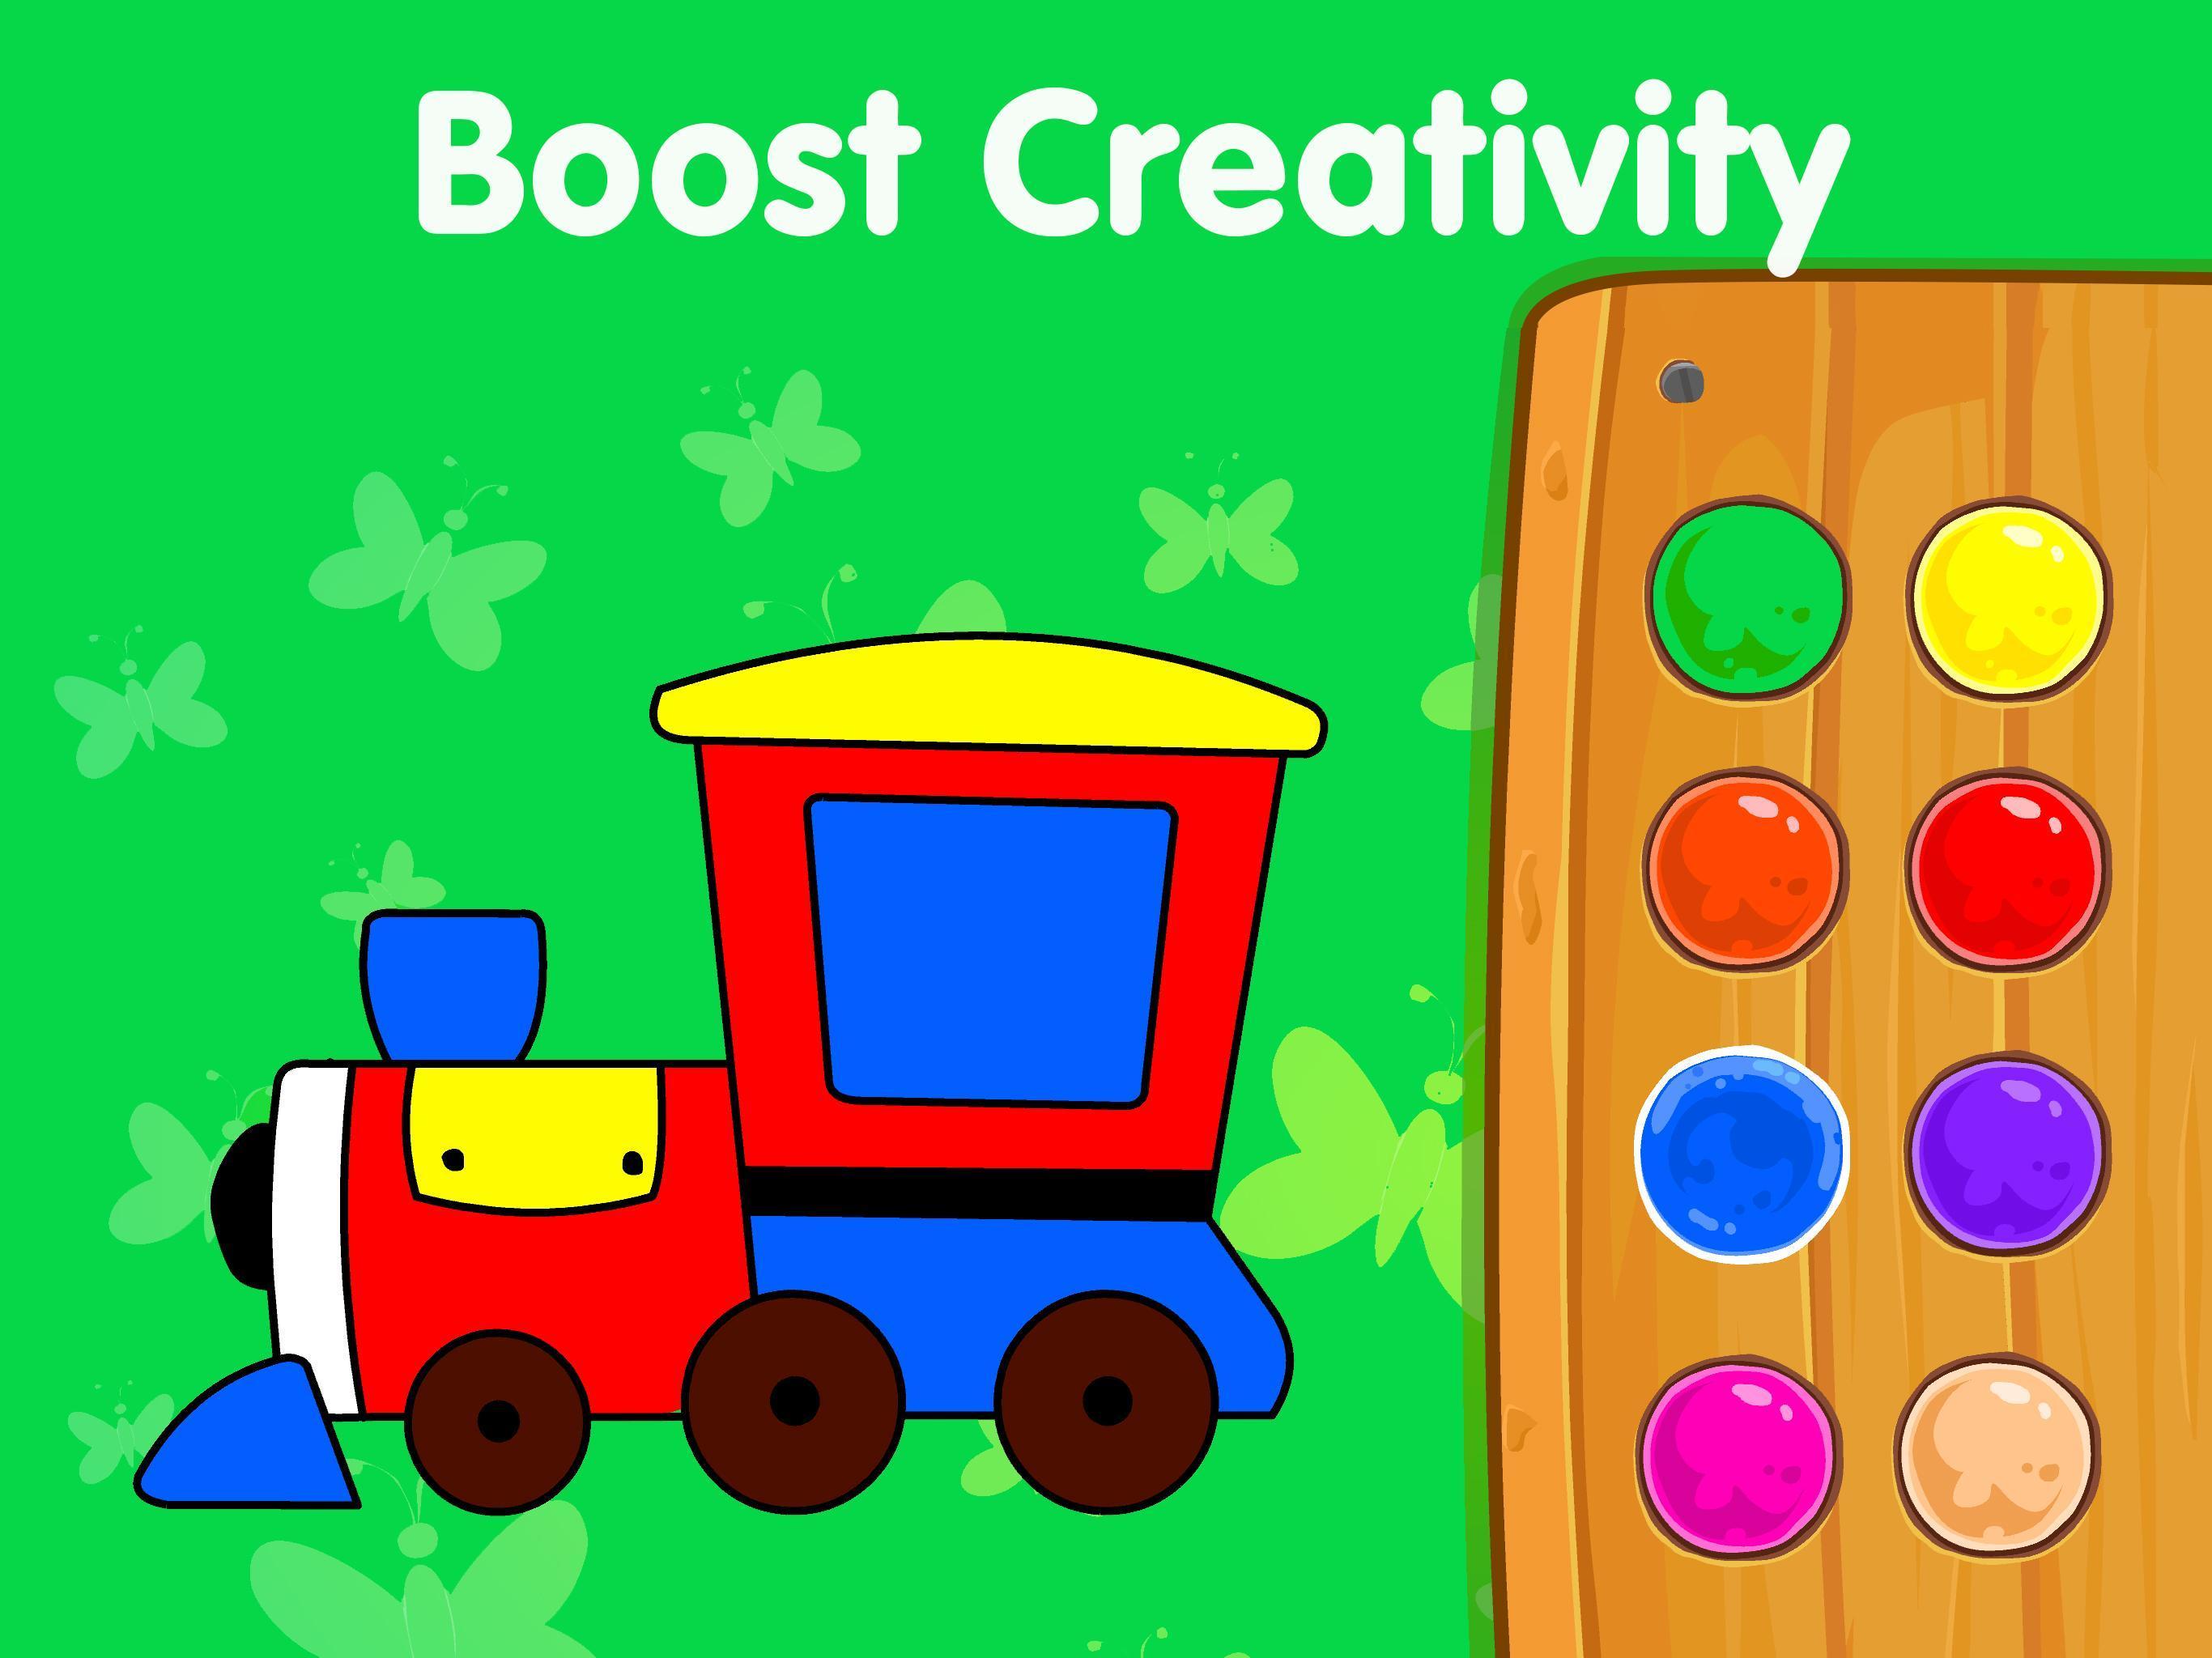 KidloLand Nursery Rhymes, Kids Games, Baby Songs 16.0 Screenshot 12